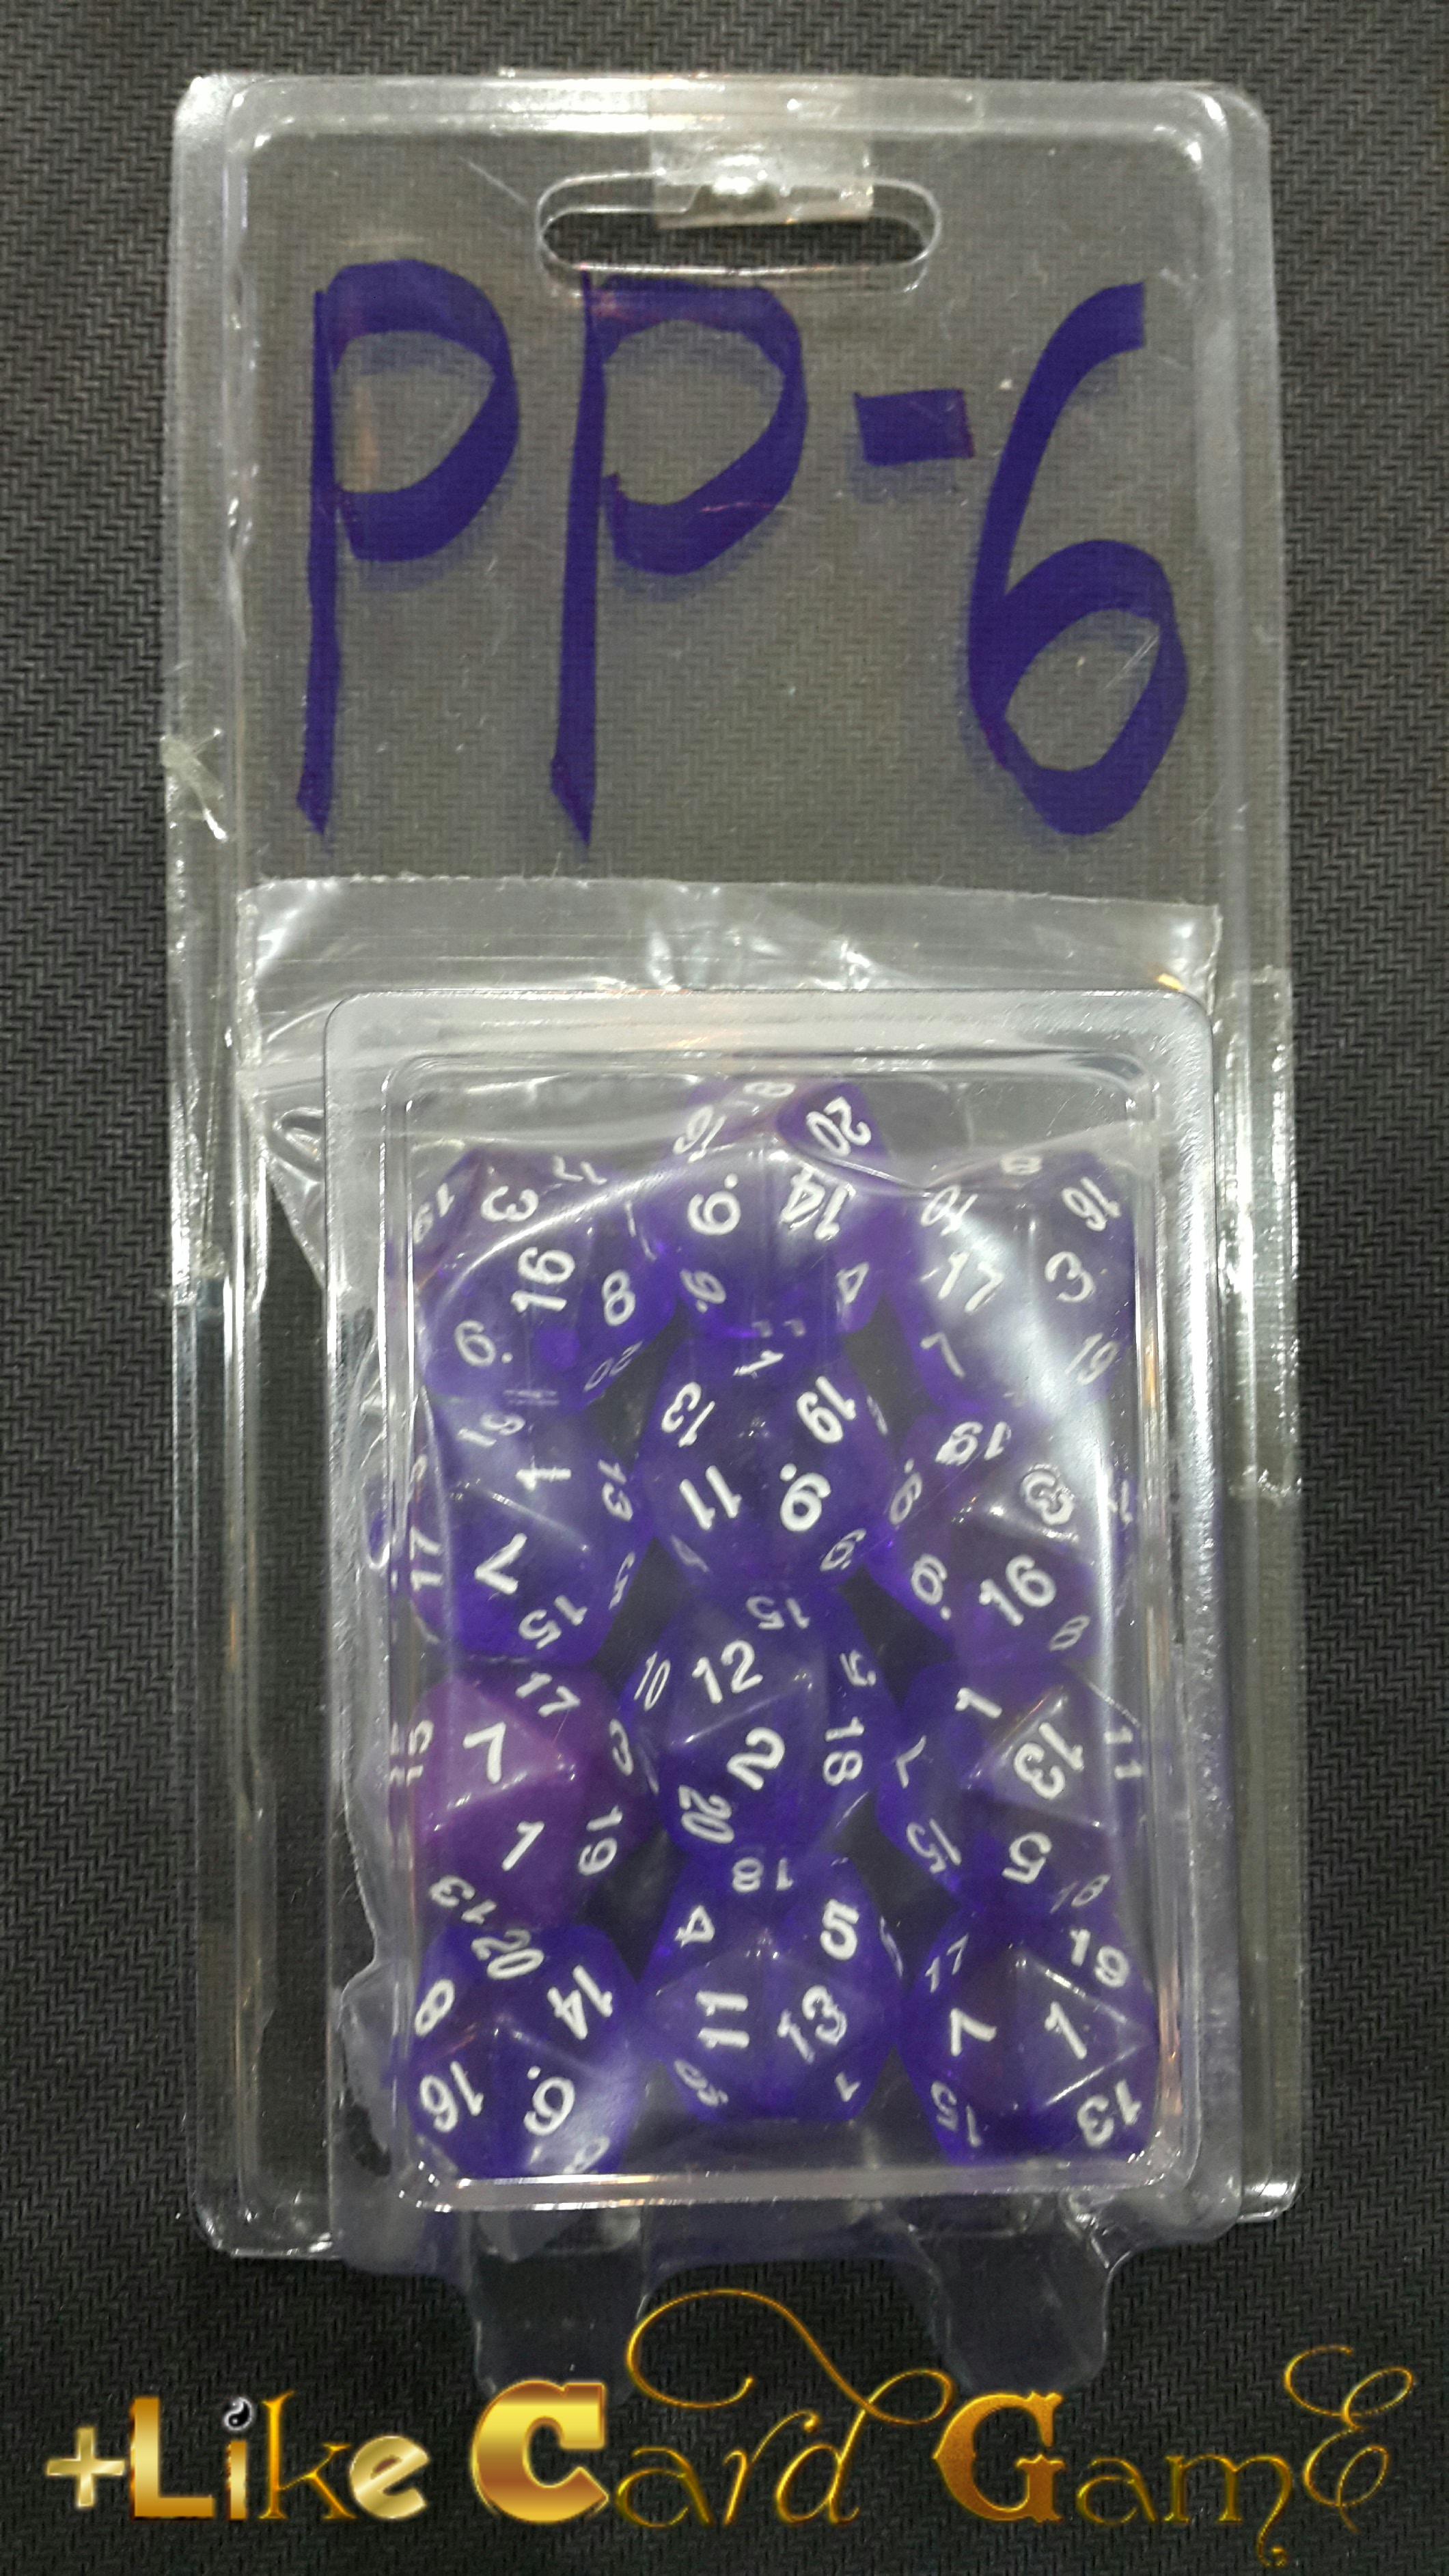 ลูกเต๋า 20 หน้า 3 ลูก (สีฟ้าใส) PP-6